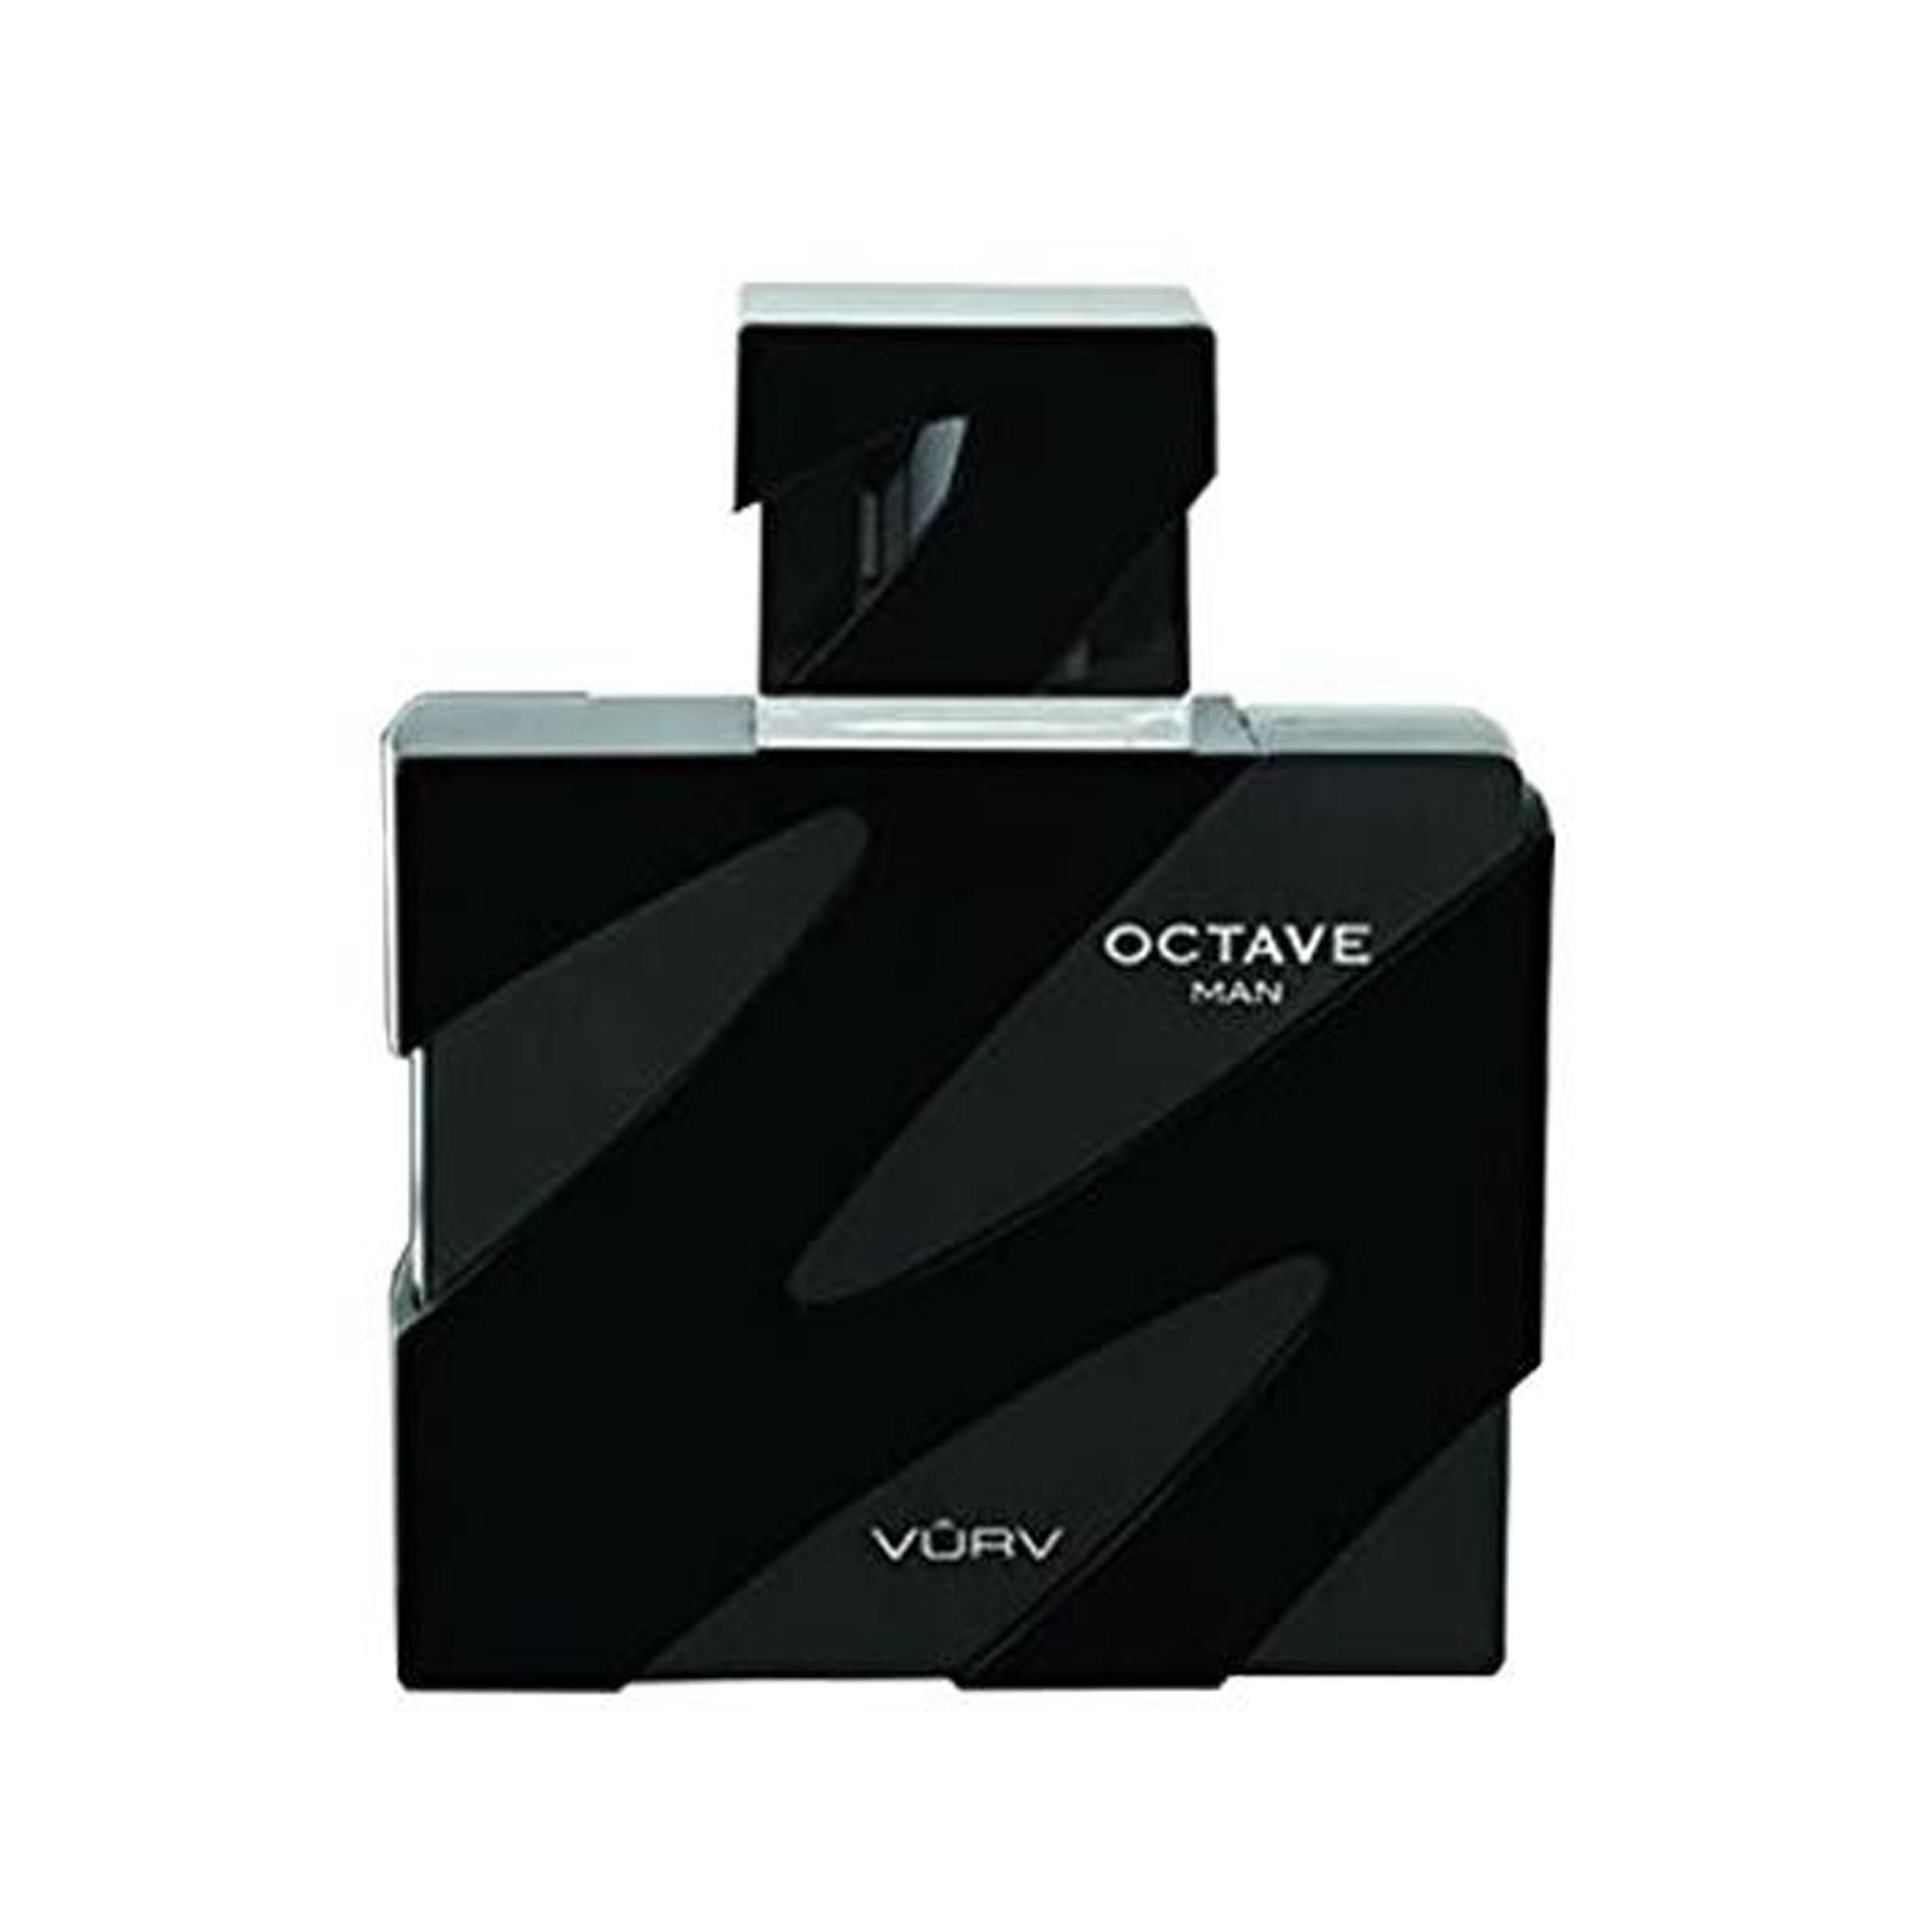 ادو پرفیوم مردانه وُرو مدل Octave Man حجم 100 میلی لیتر